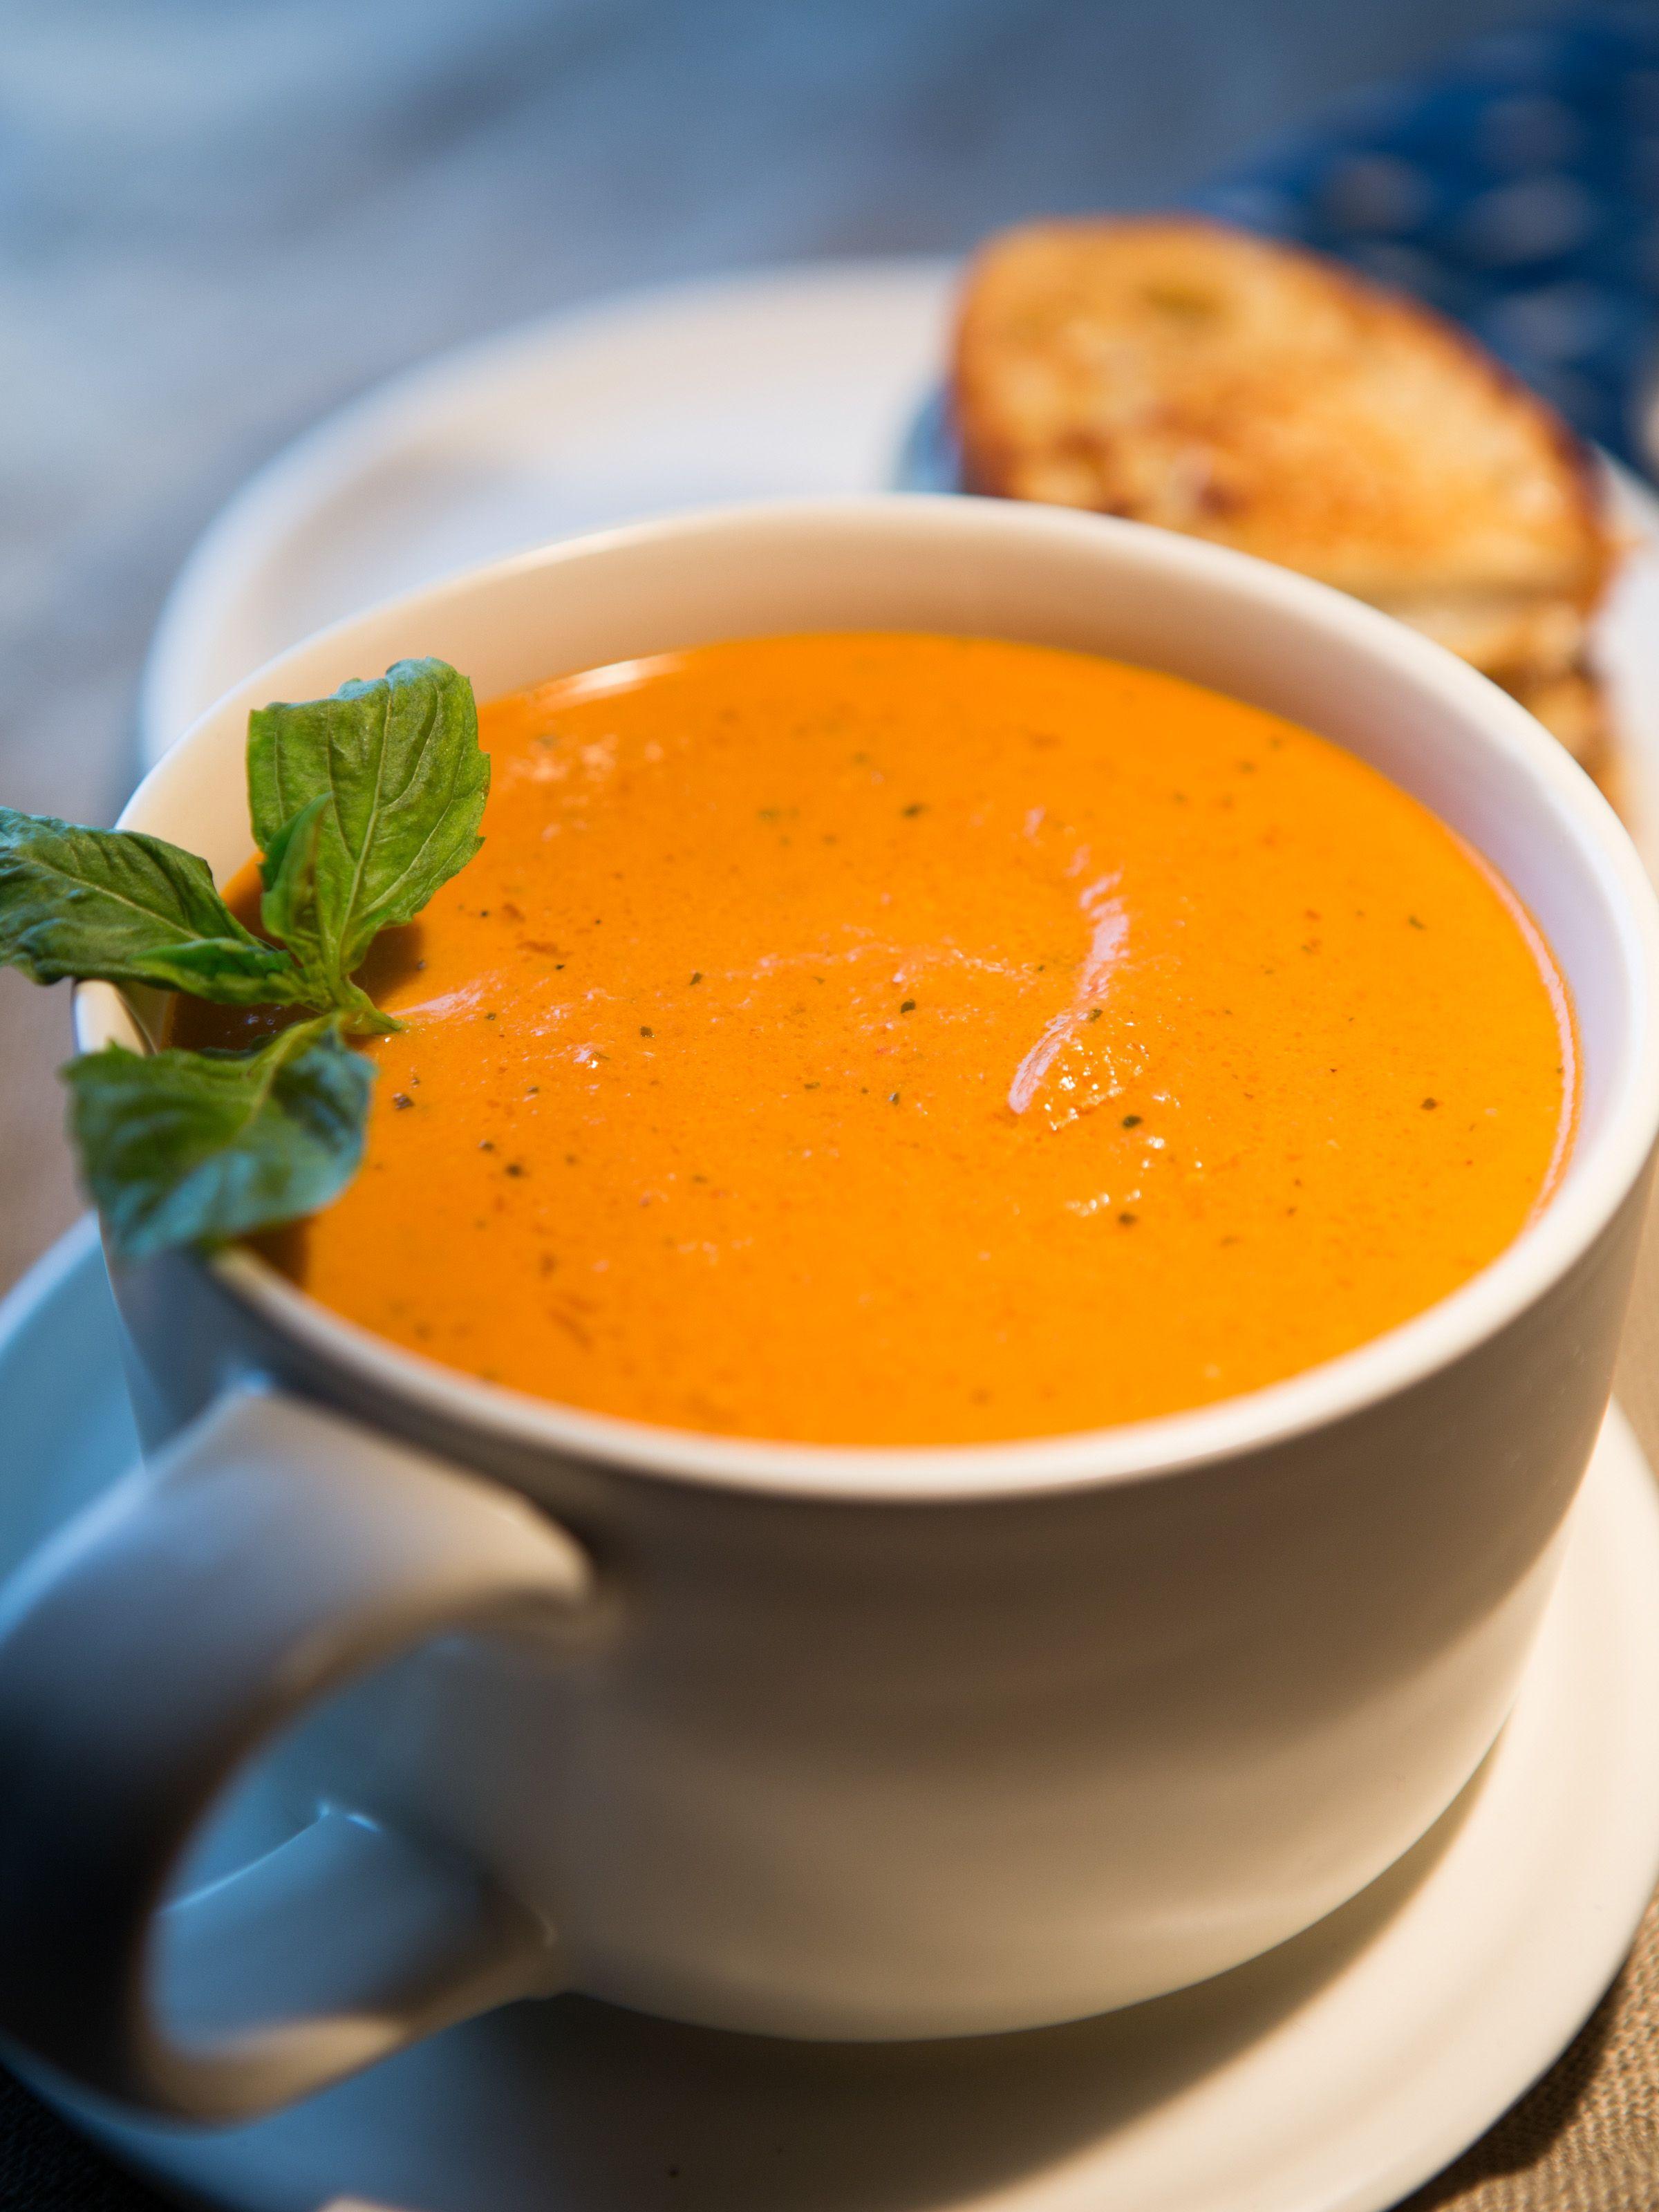 Homemade roasted tomato soup receta sopas me encantas y encanta forumfinder Choice Image